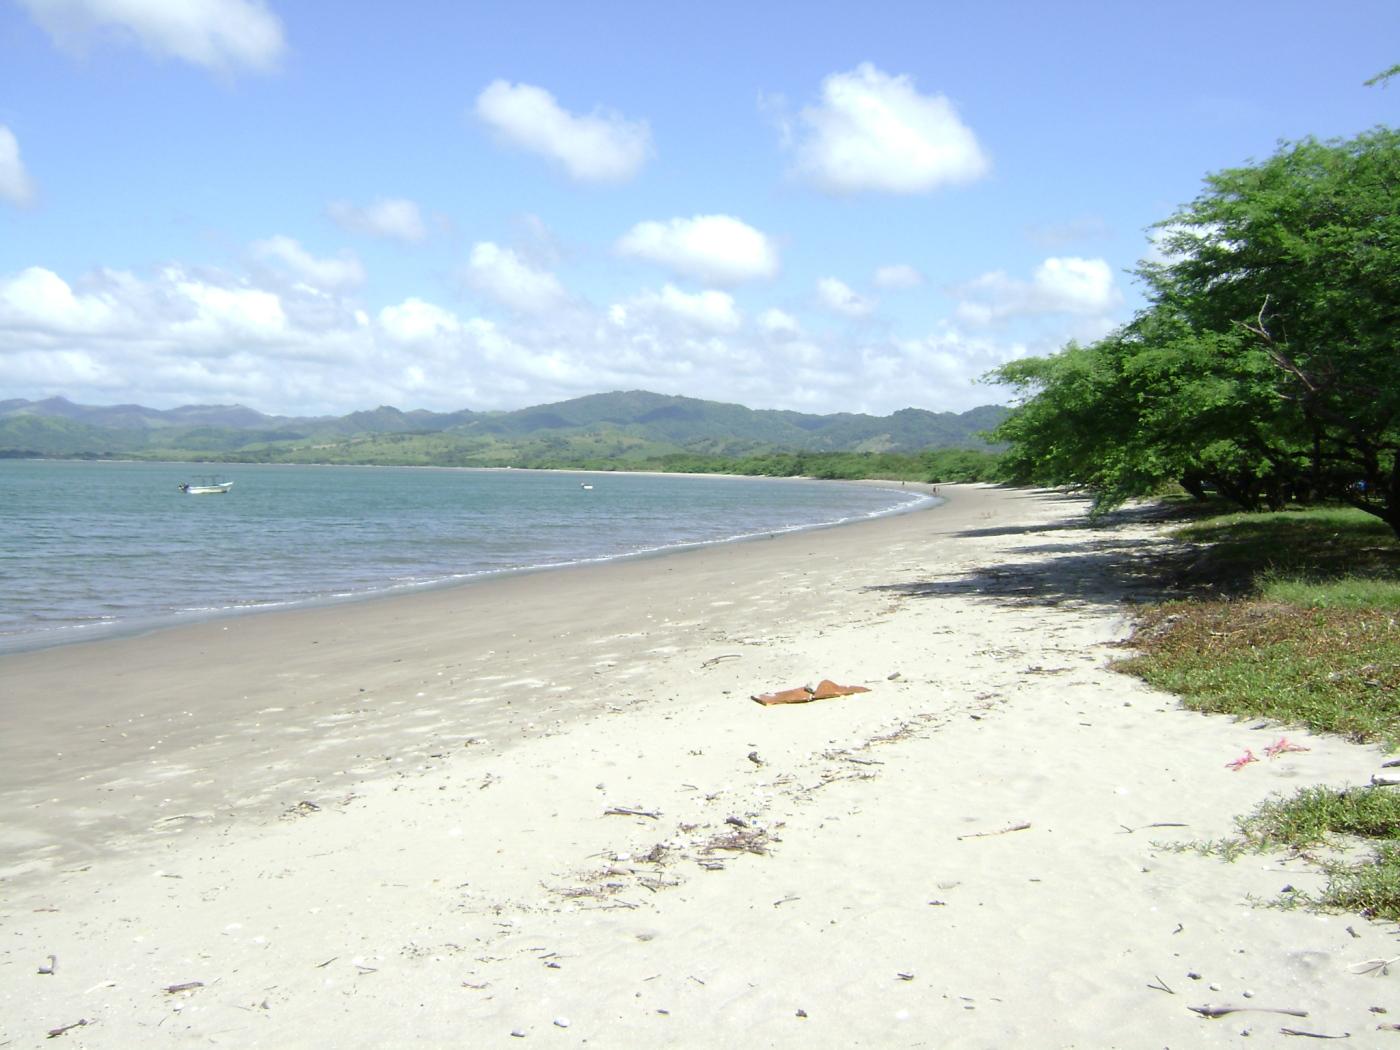 Puerto Soley, Guancaste, Costa Rica